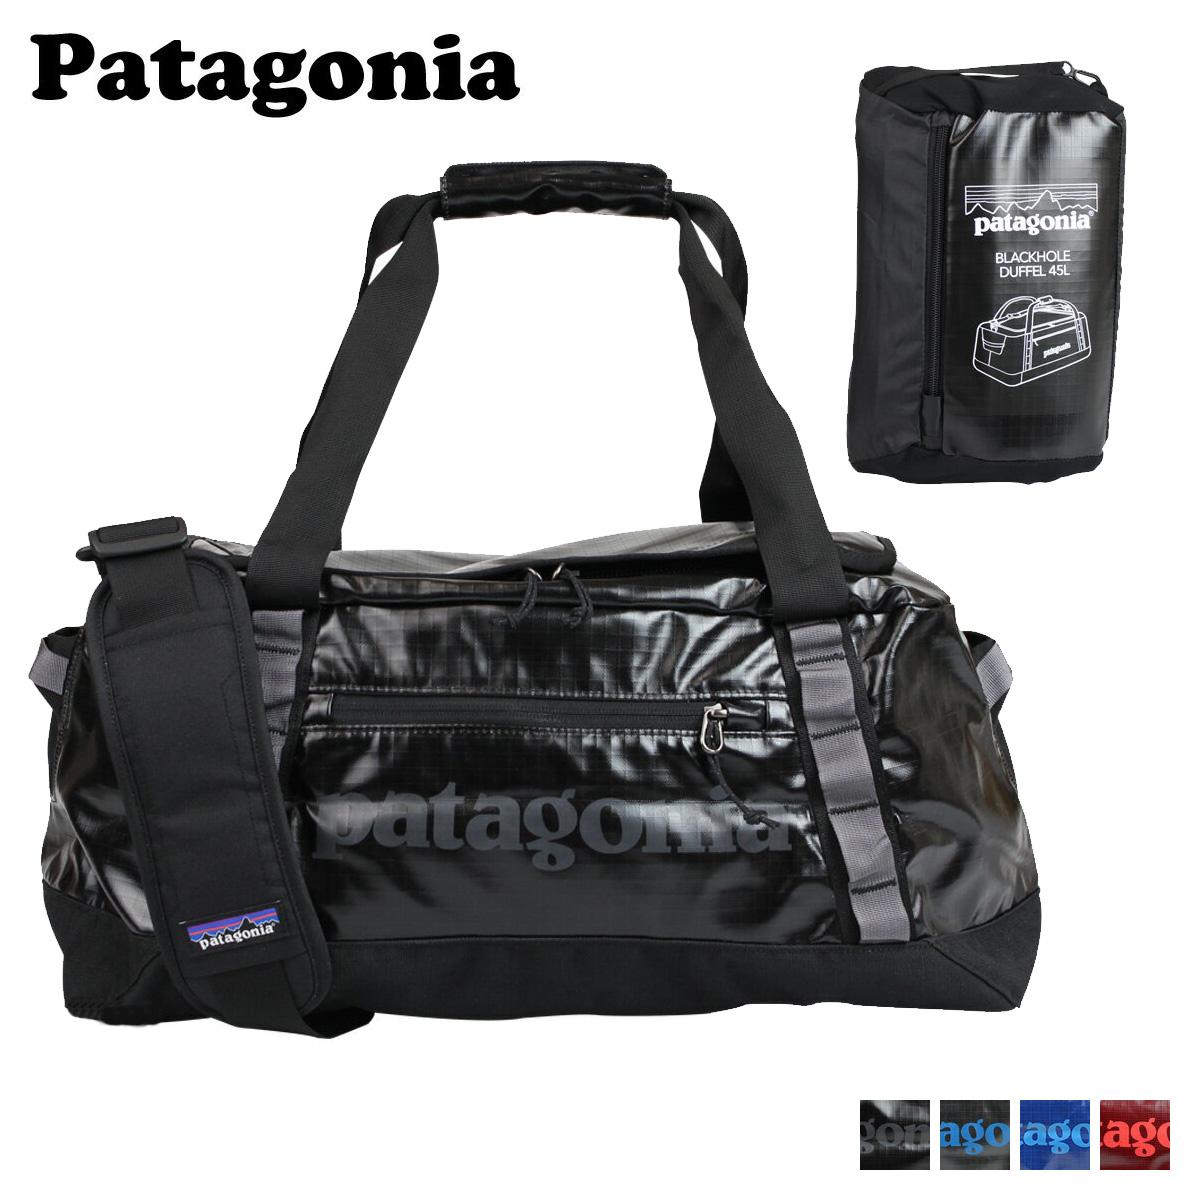 パタゴニア patagonia バッグ ダッフルバッグ ボストンバッグ BLACK HOLE DUFFEL 45L メンズ レディース 49336 [10/19 追加入荷]